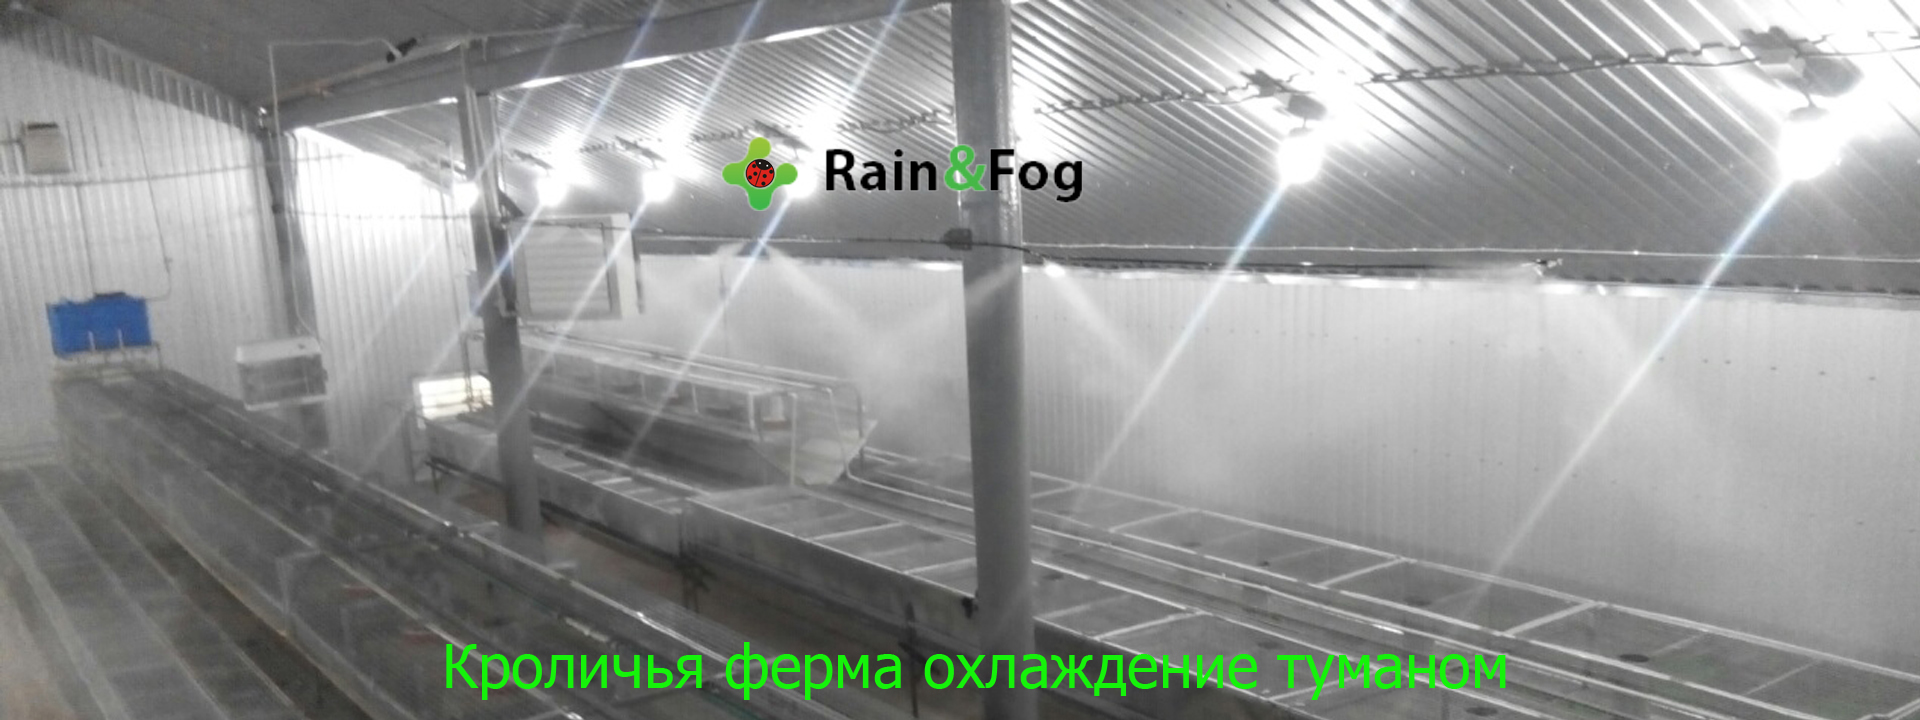 15-Системы-туманообразования